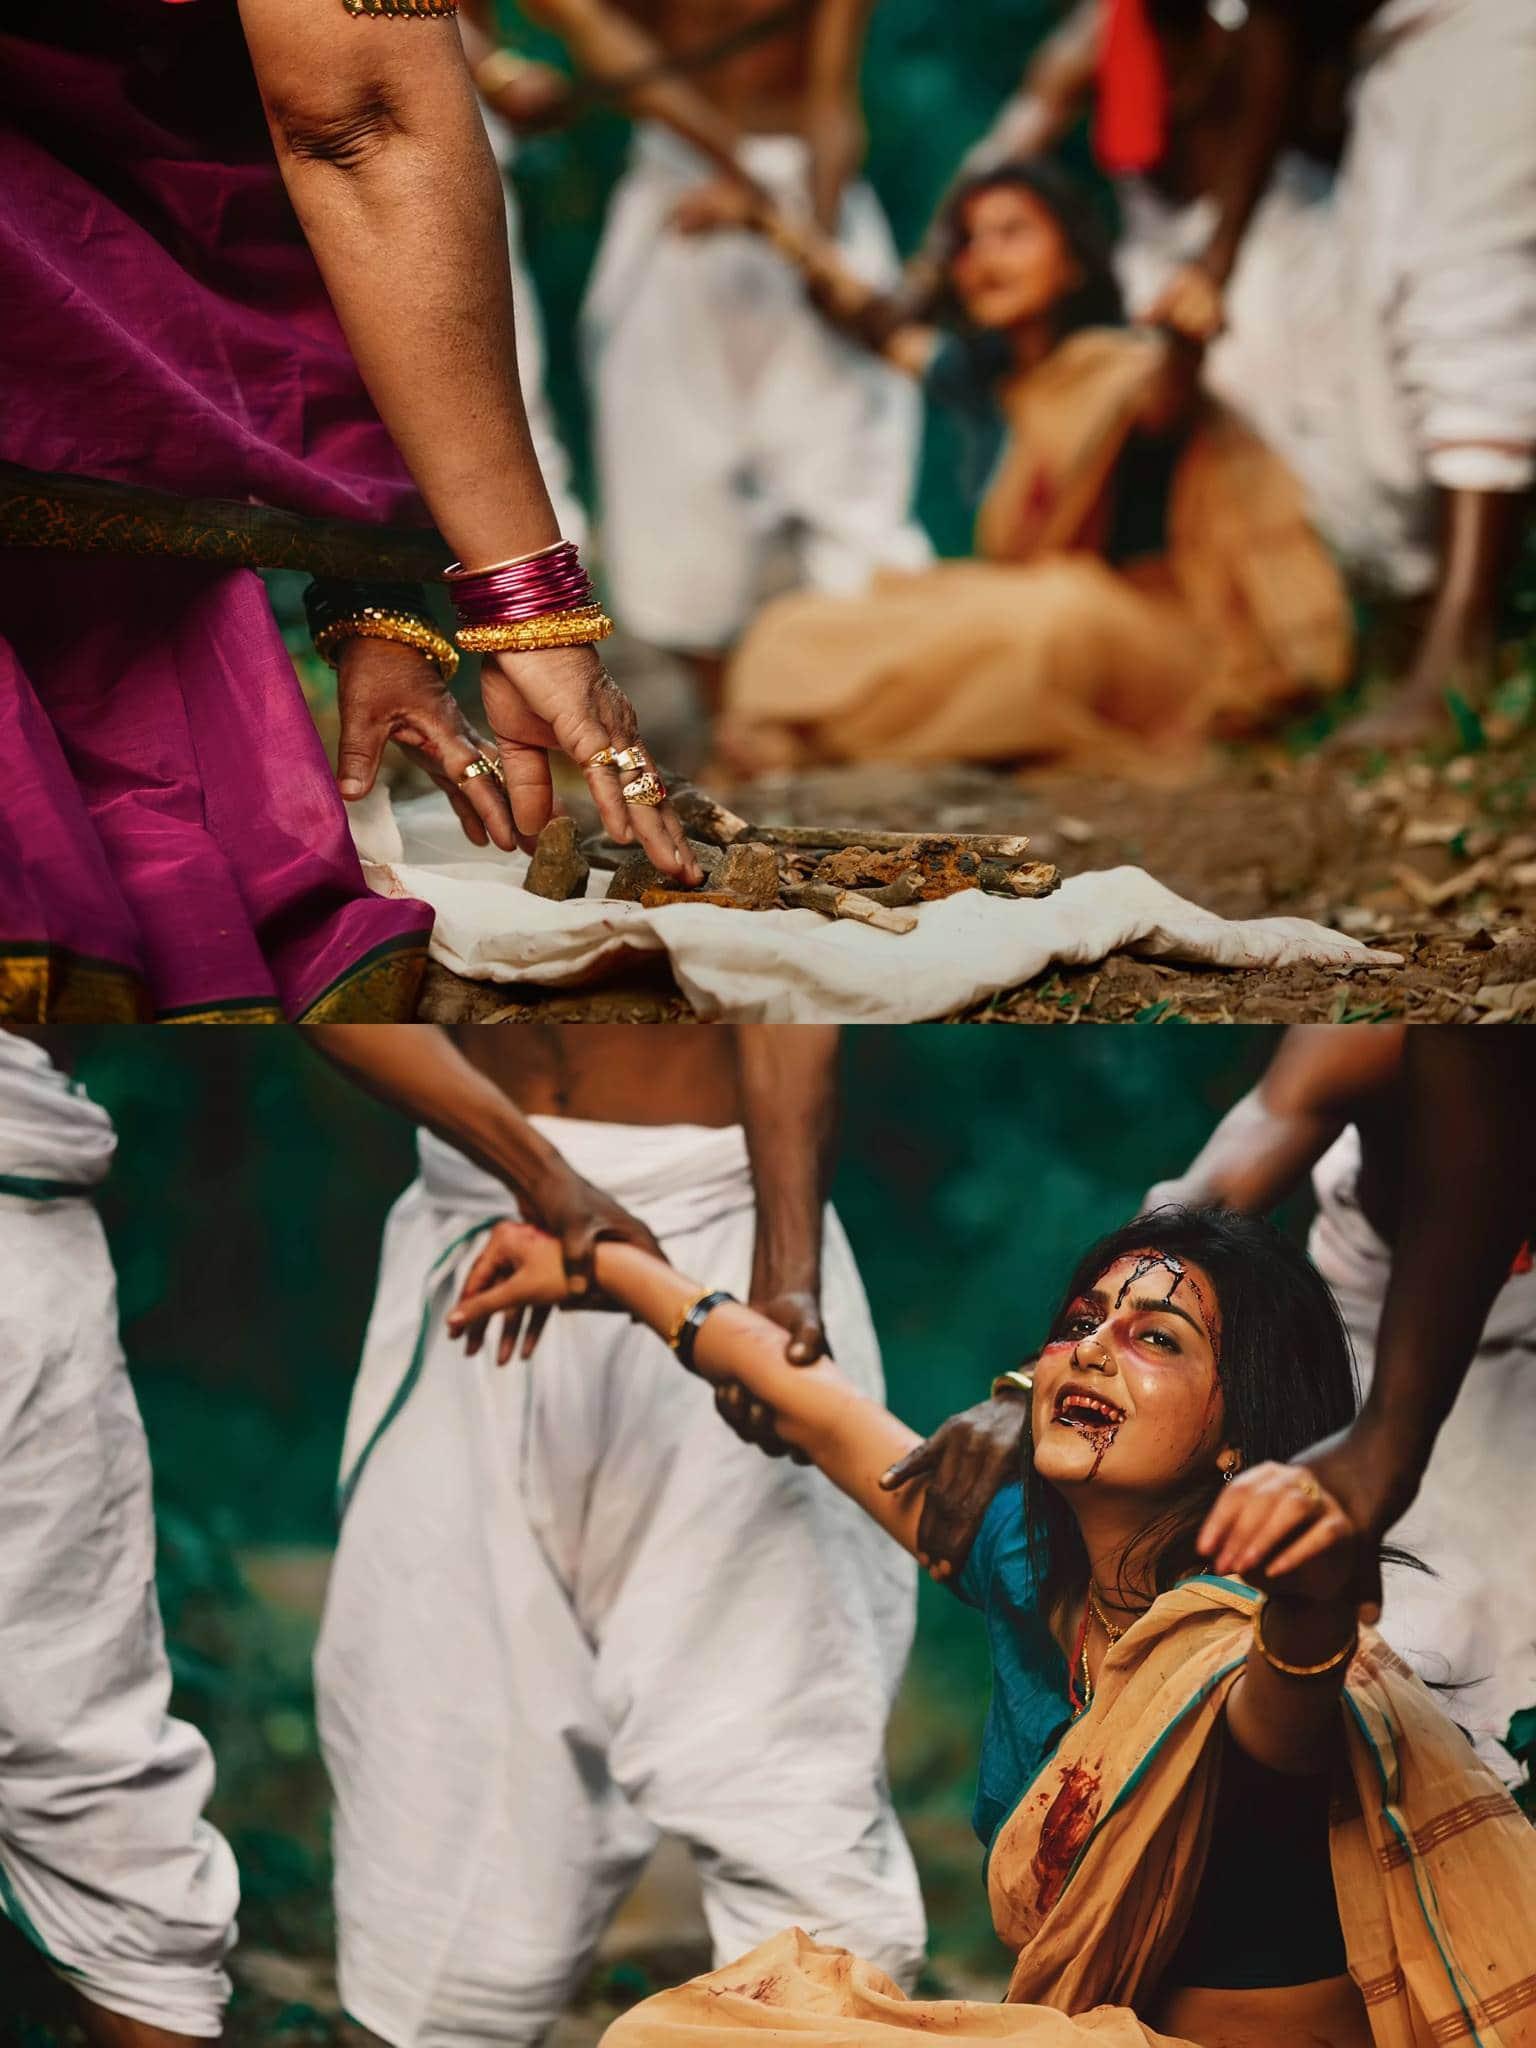 An-Award-winning-photo-story-Avani-By-Arjun-Kamath-46